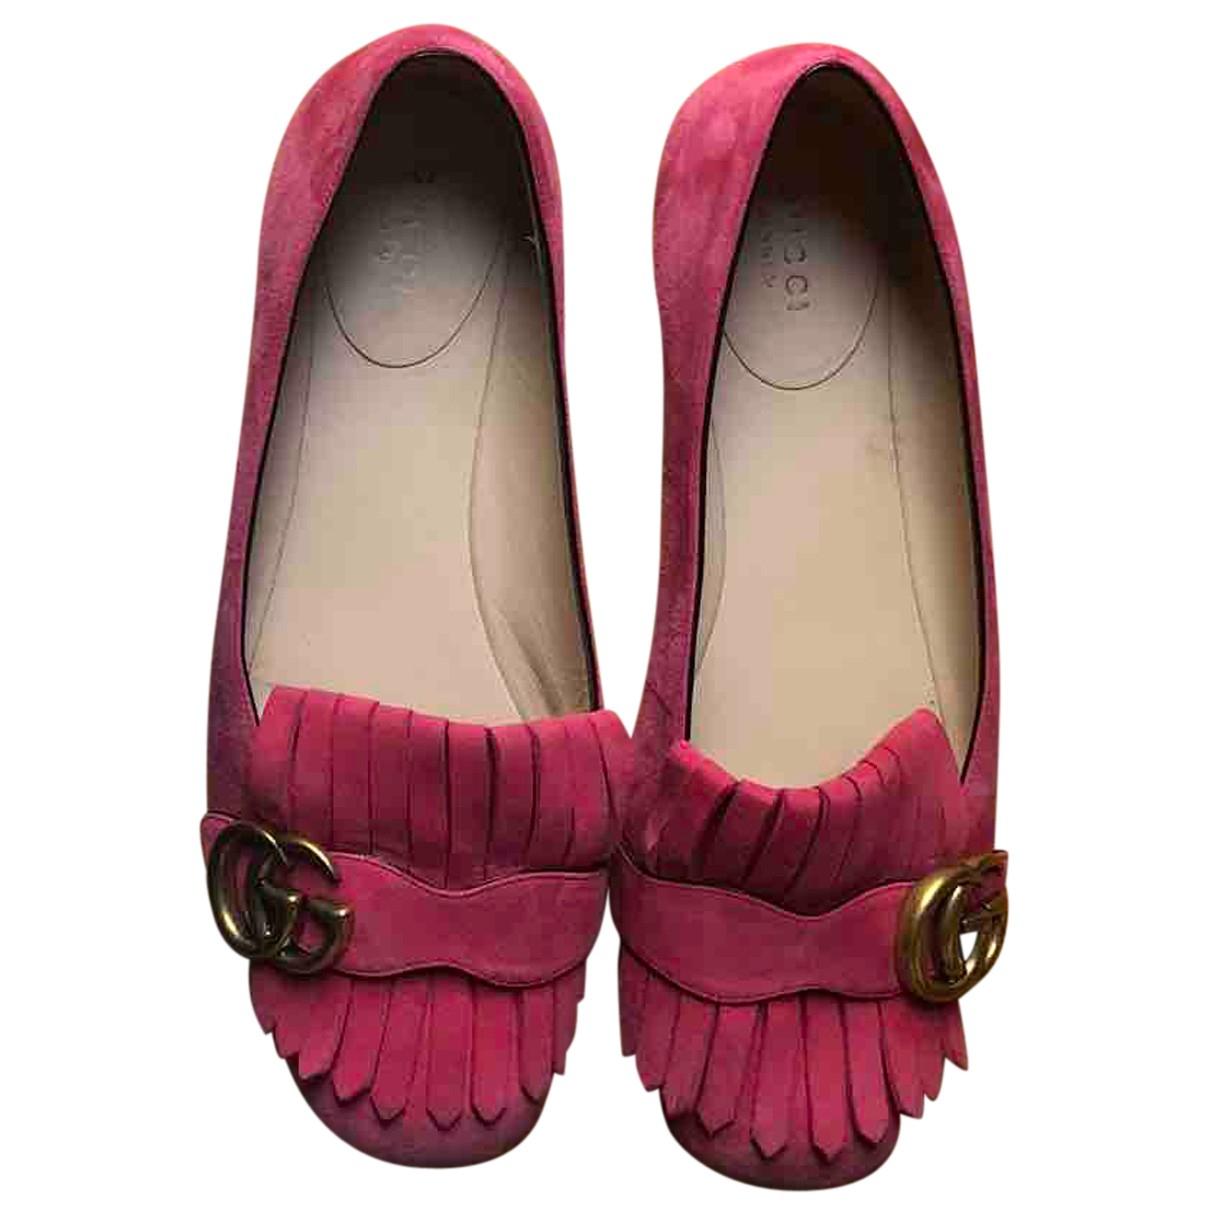 Gucci - Ballerines Marmont pour femme en suede - rose